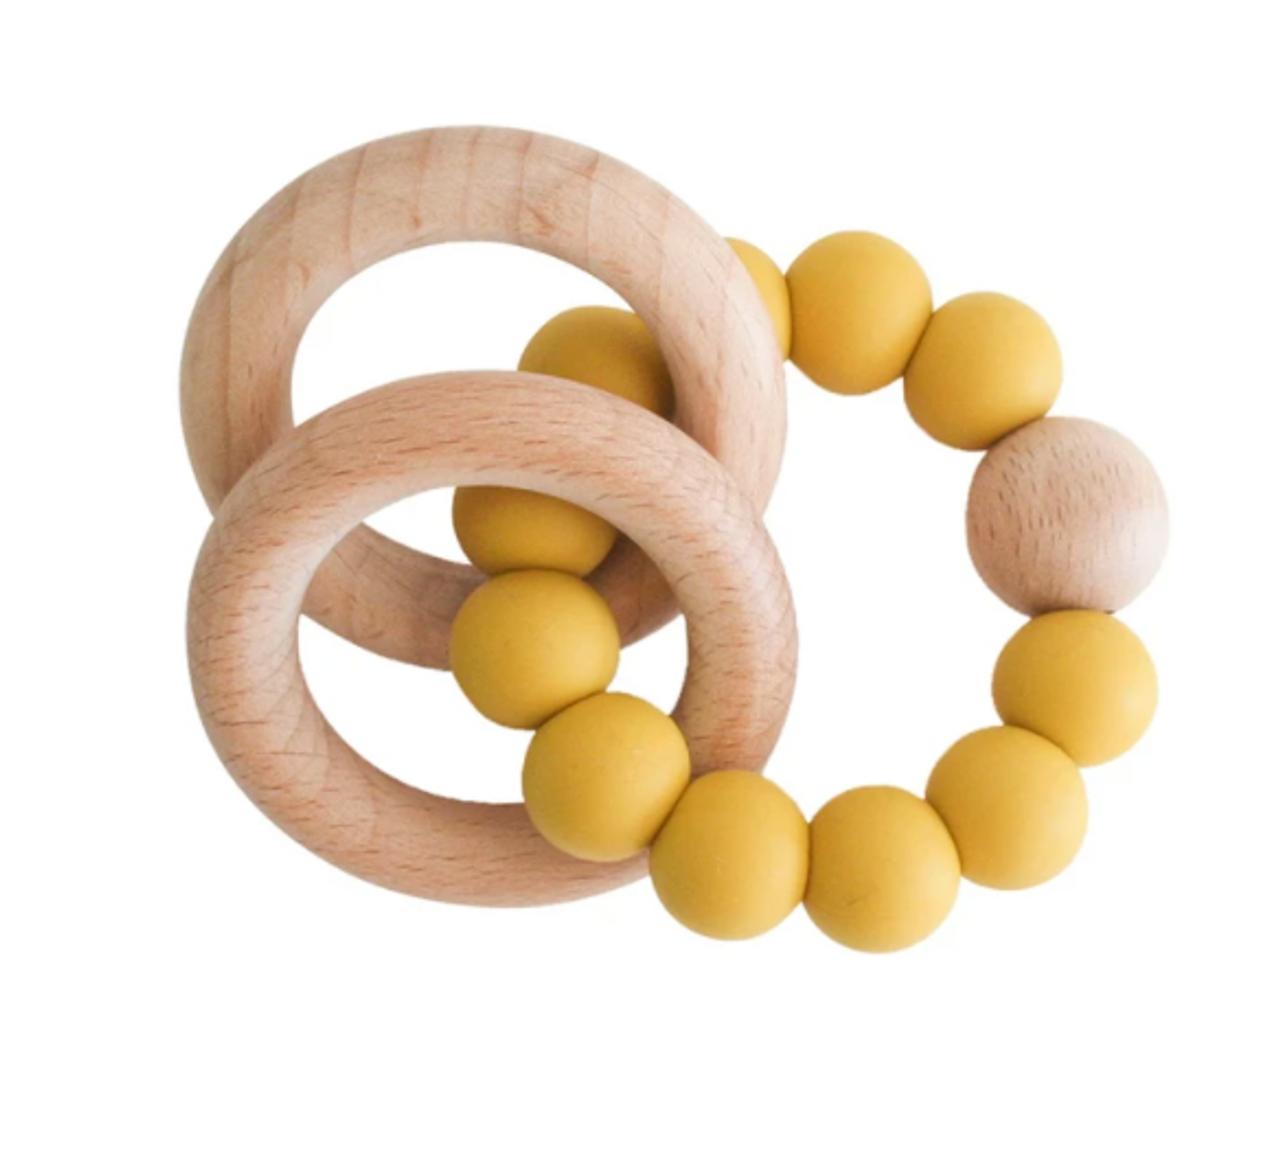 Beechwood Teether Ring Set - Butterscotch